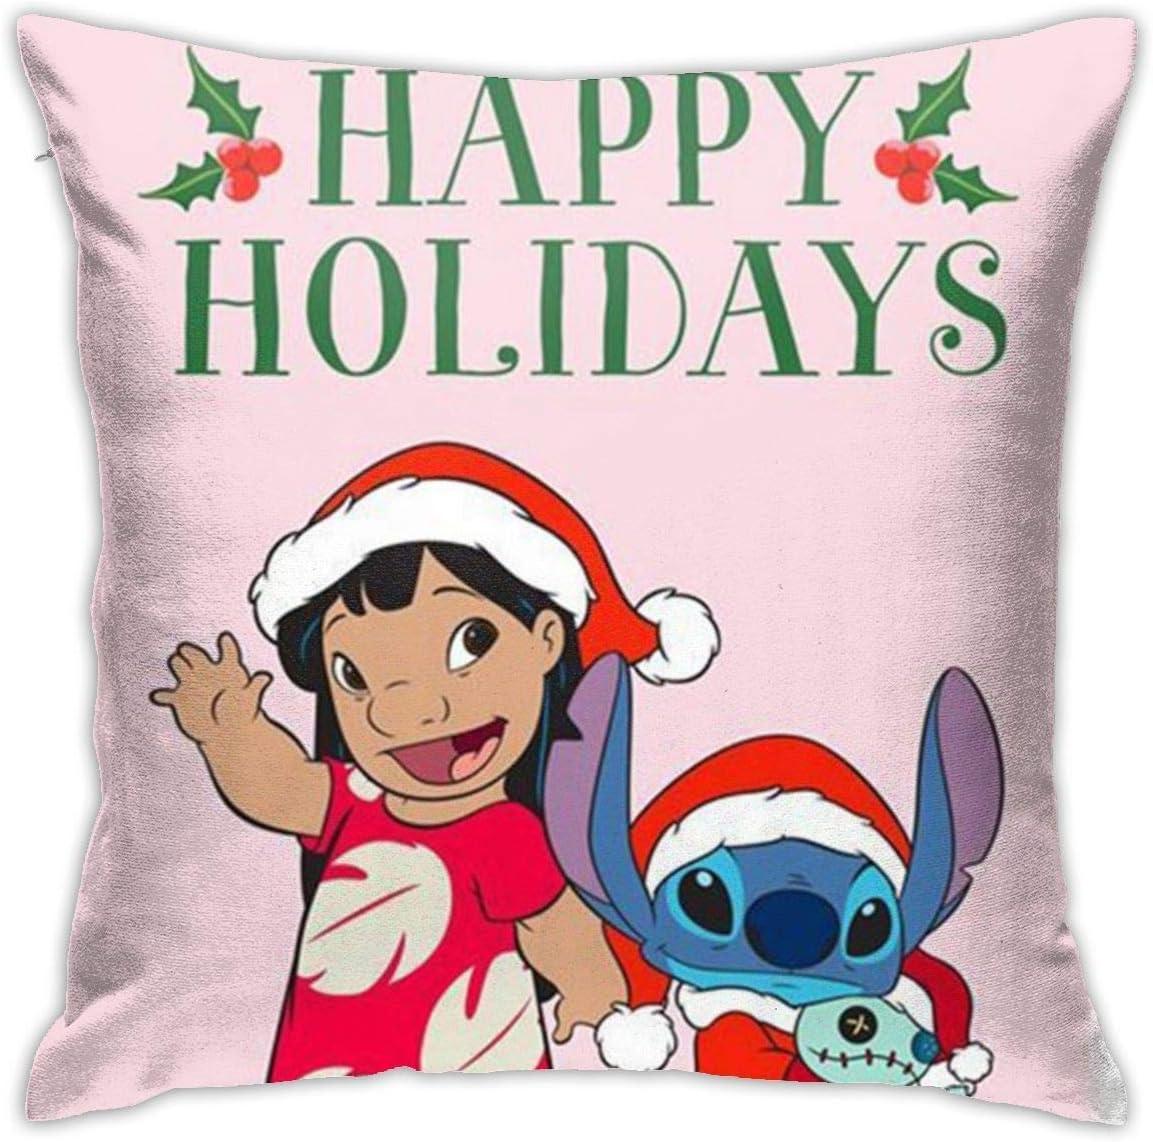 Boweike Stitch Happy Holidays Throw fundas de almohada 40 x 45 cm forma cuadrada decorativa funda de cojín para sofá sofá